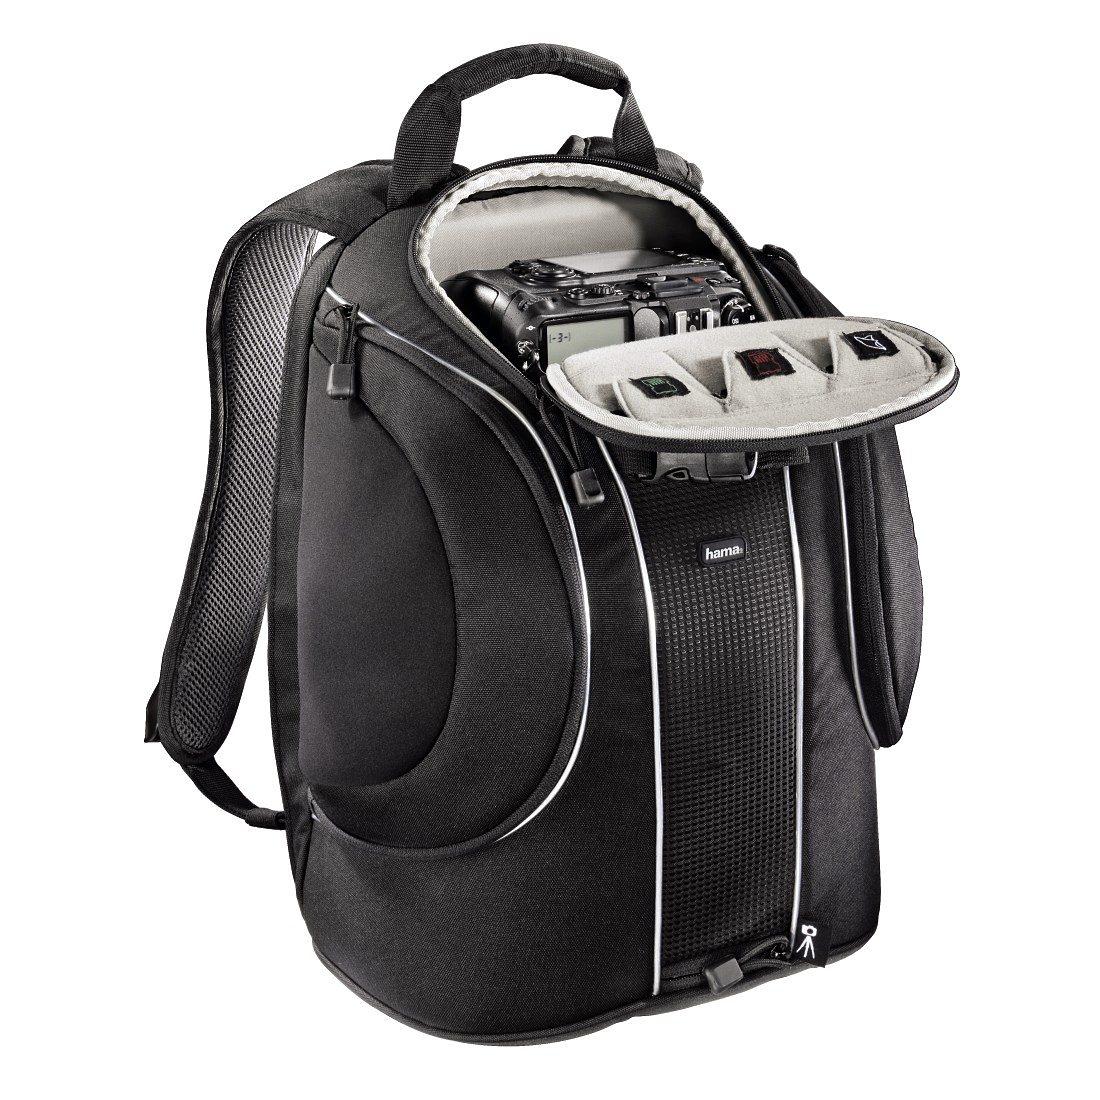 Hama Kamerarucksack für Spiegelreflex Kameras, Zubehör, Tablet »Kameratasche Foto Rucksack«